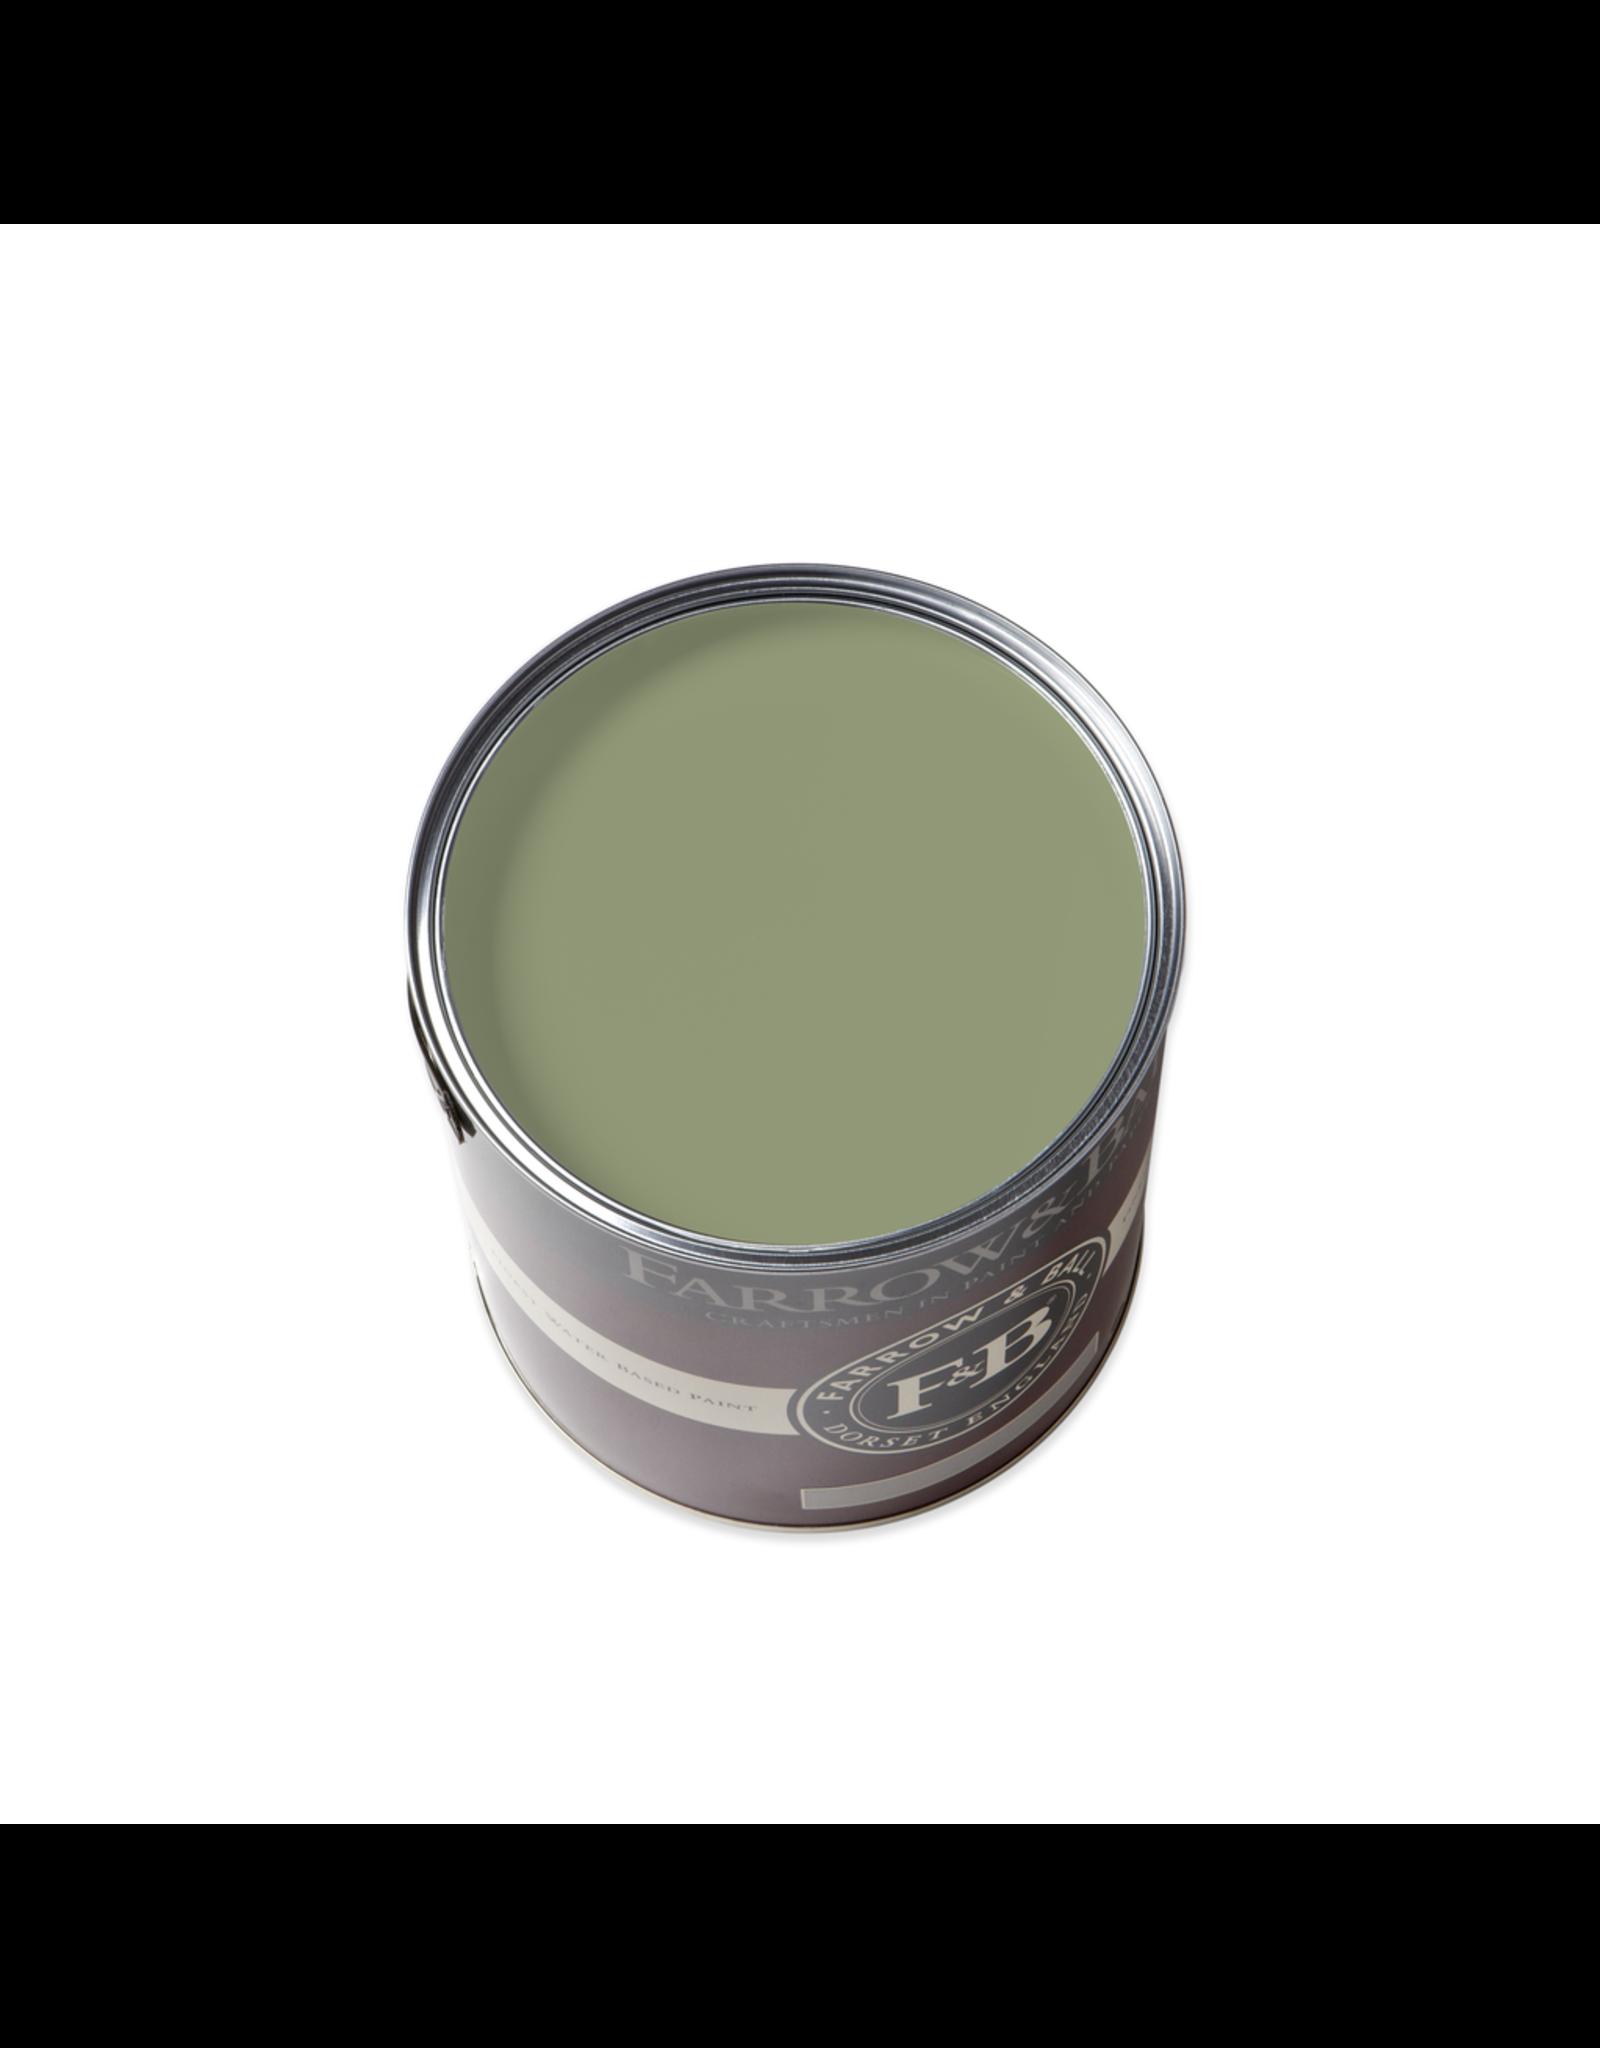 Farrow and Ball Gallon Modern Emulsion Saxon Green No. 80